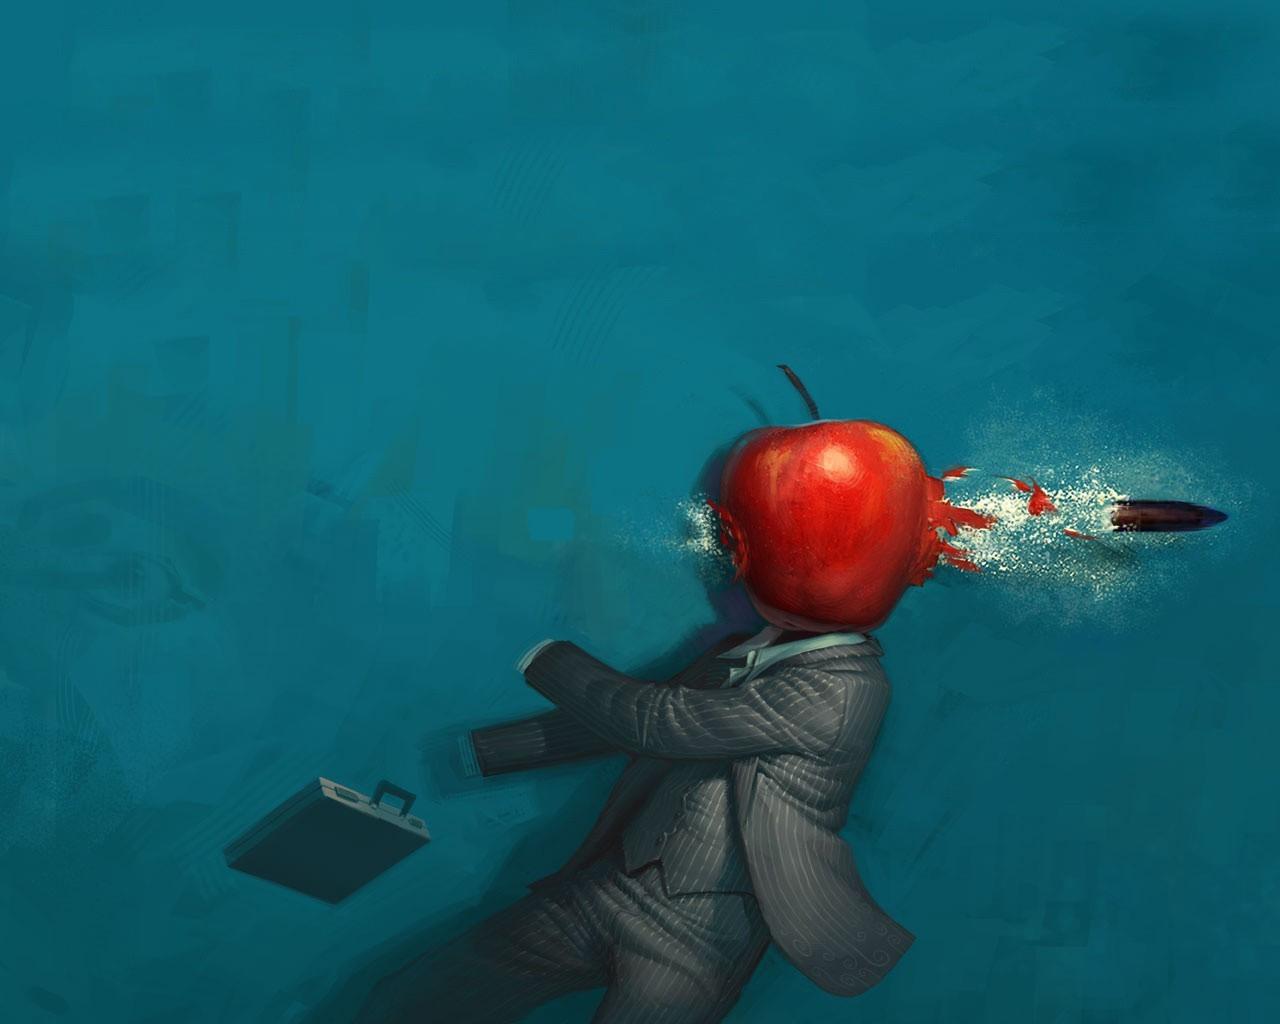 Рисунки на яблоке ножом